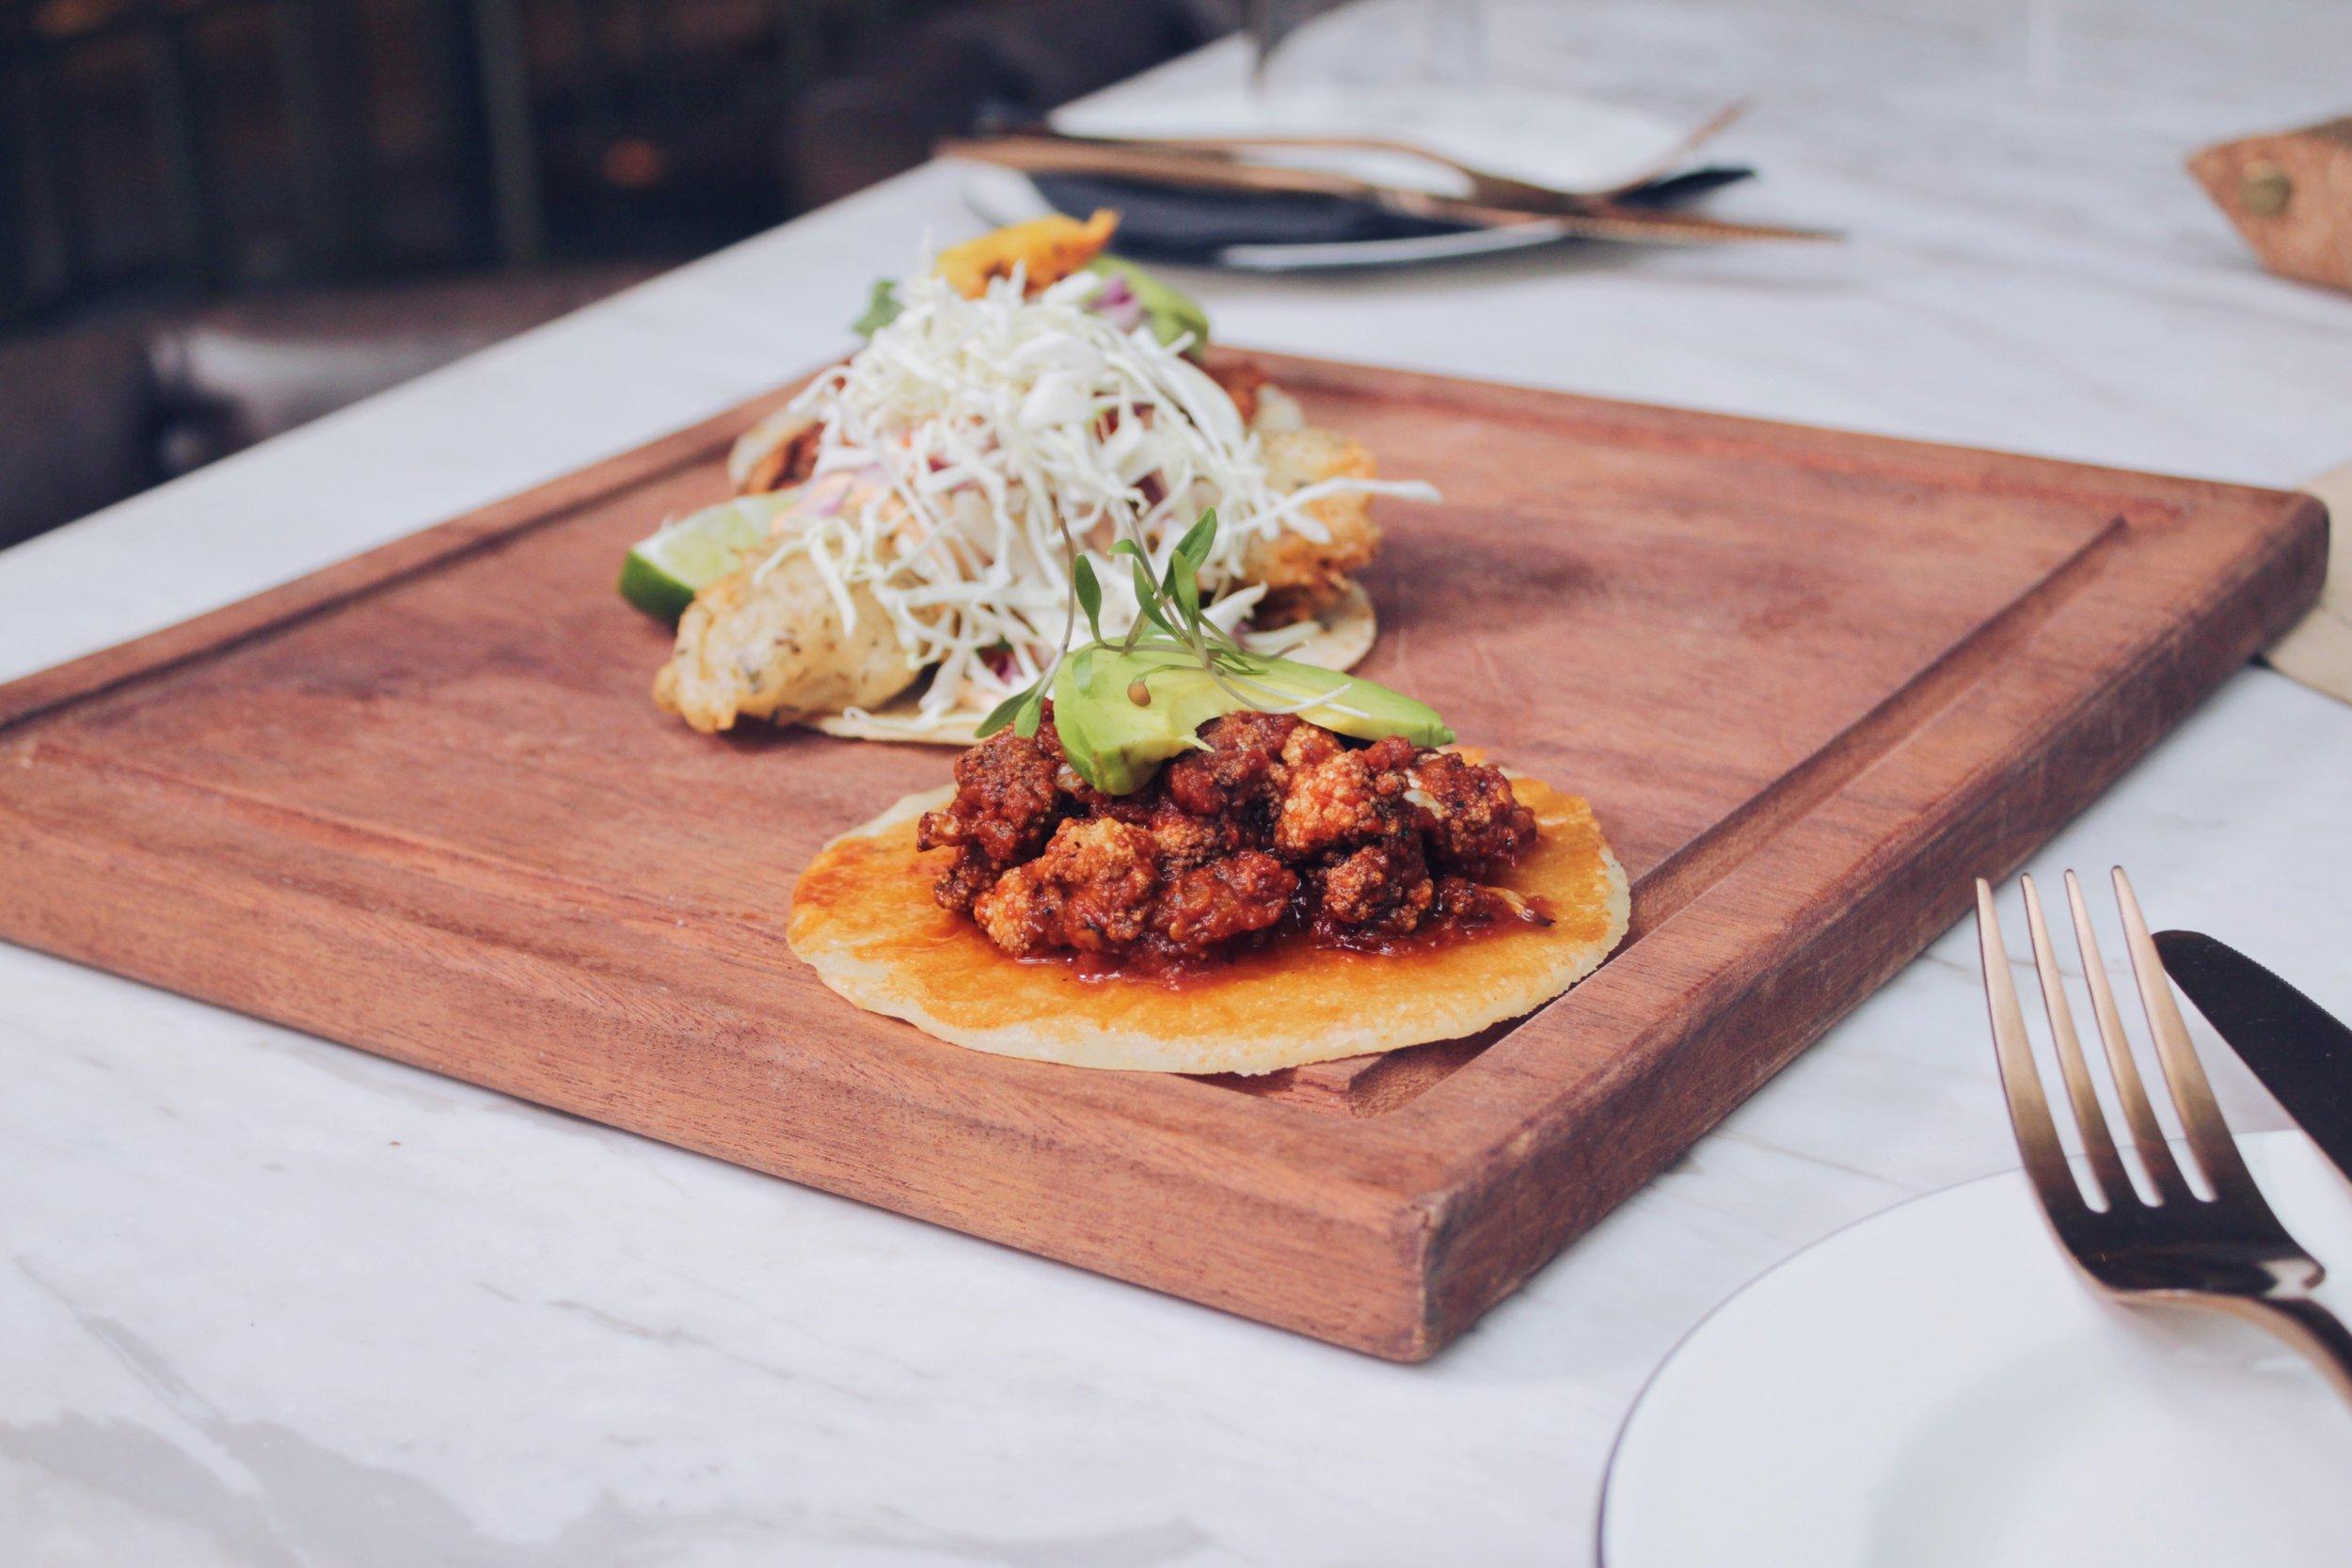 hong kong food photography